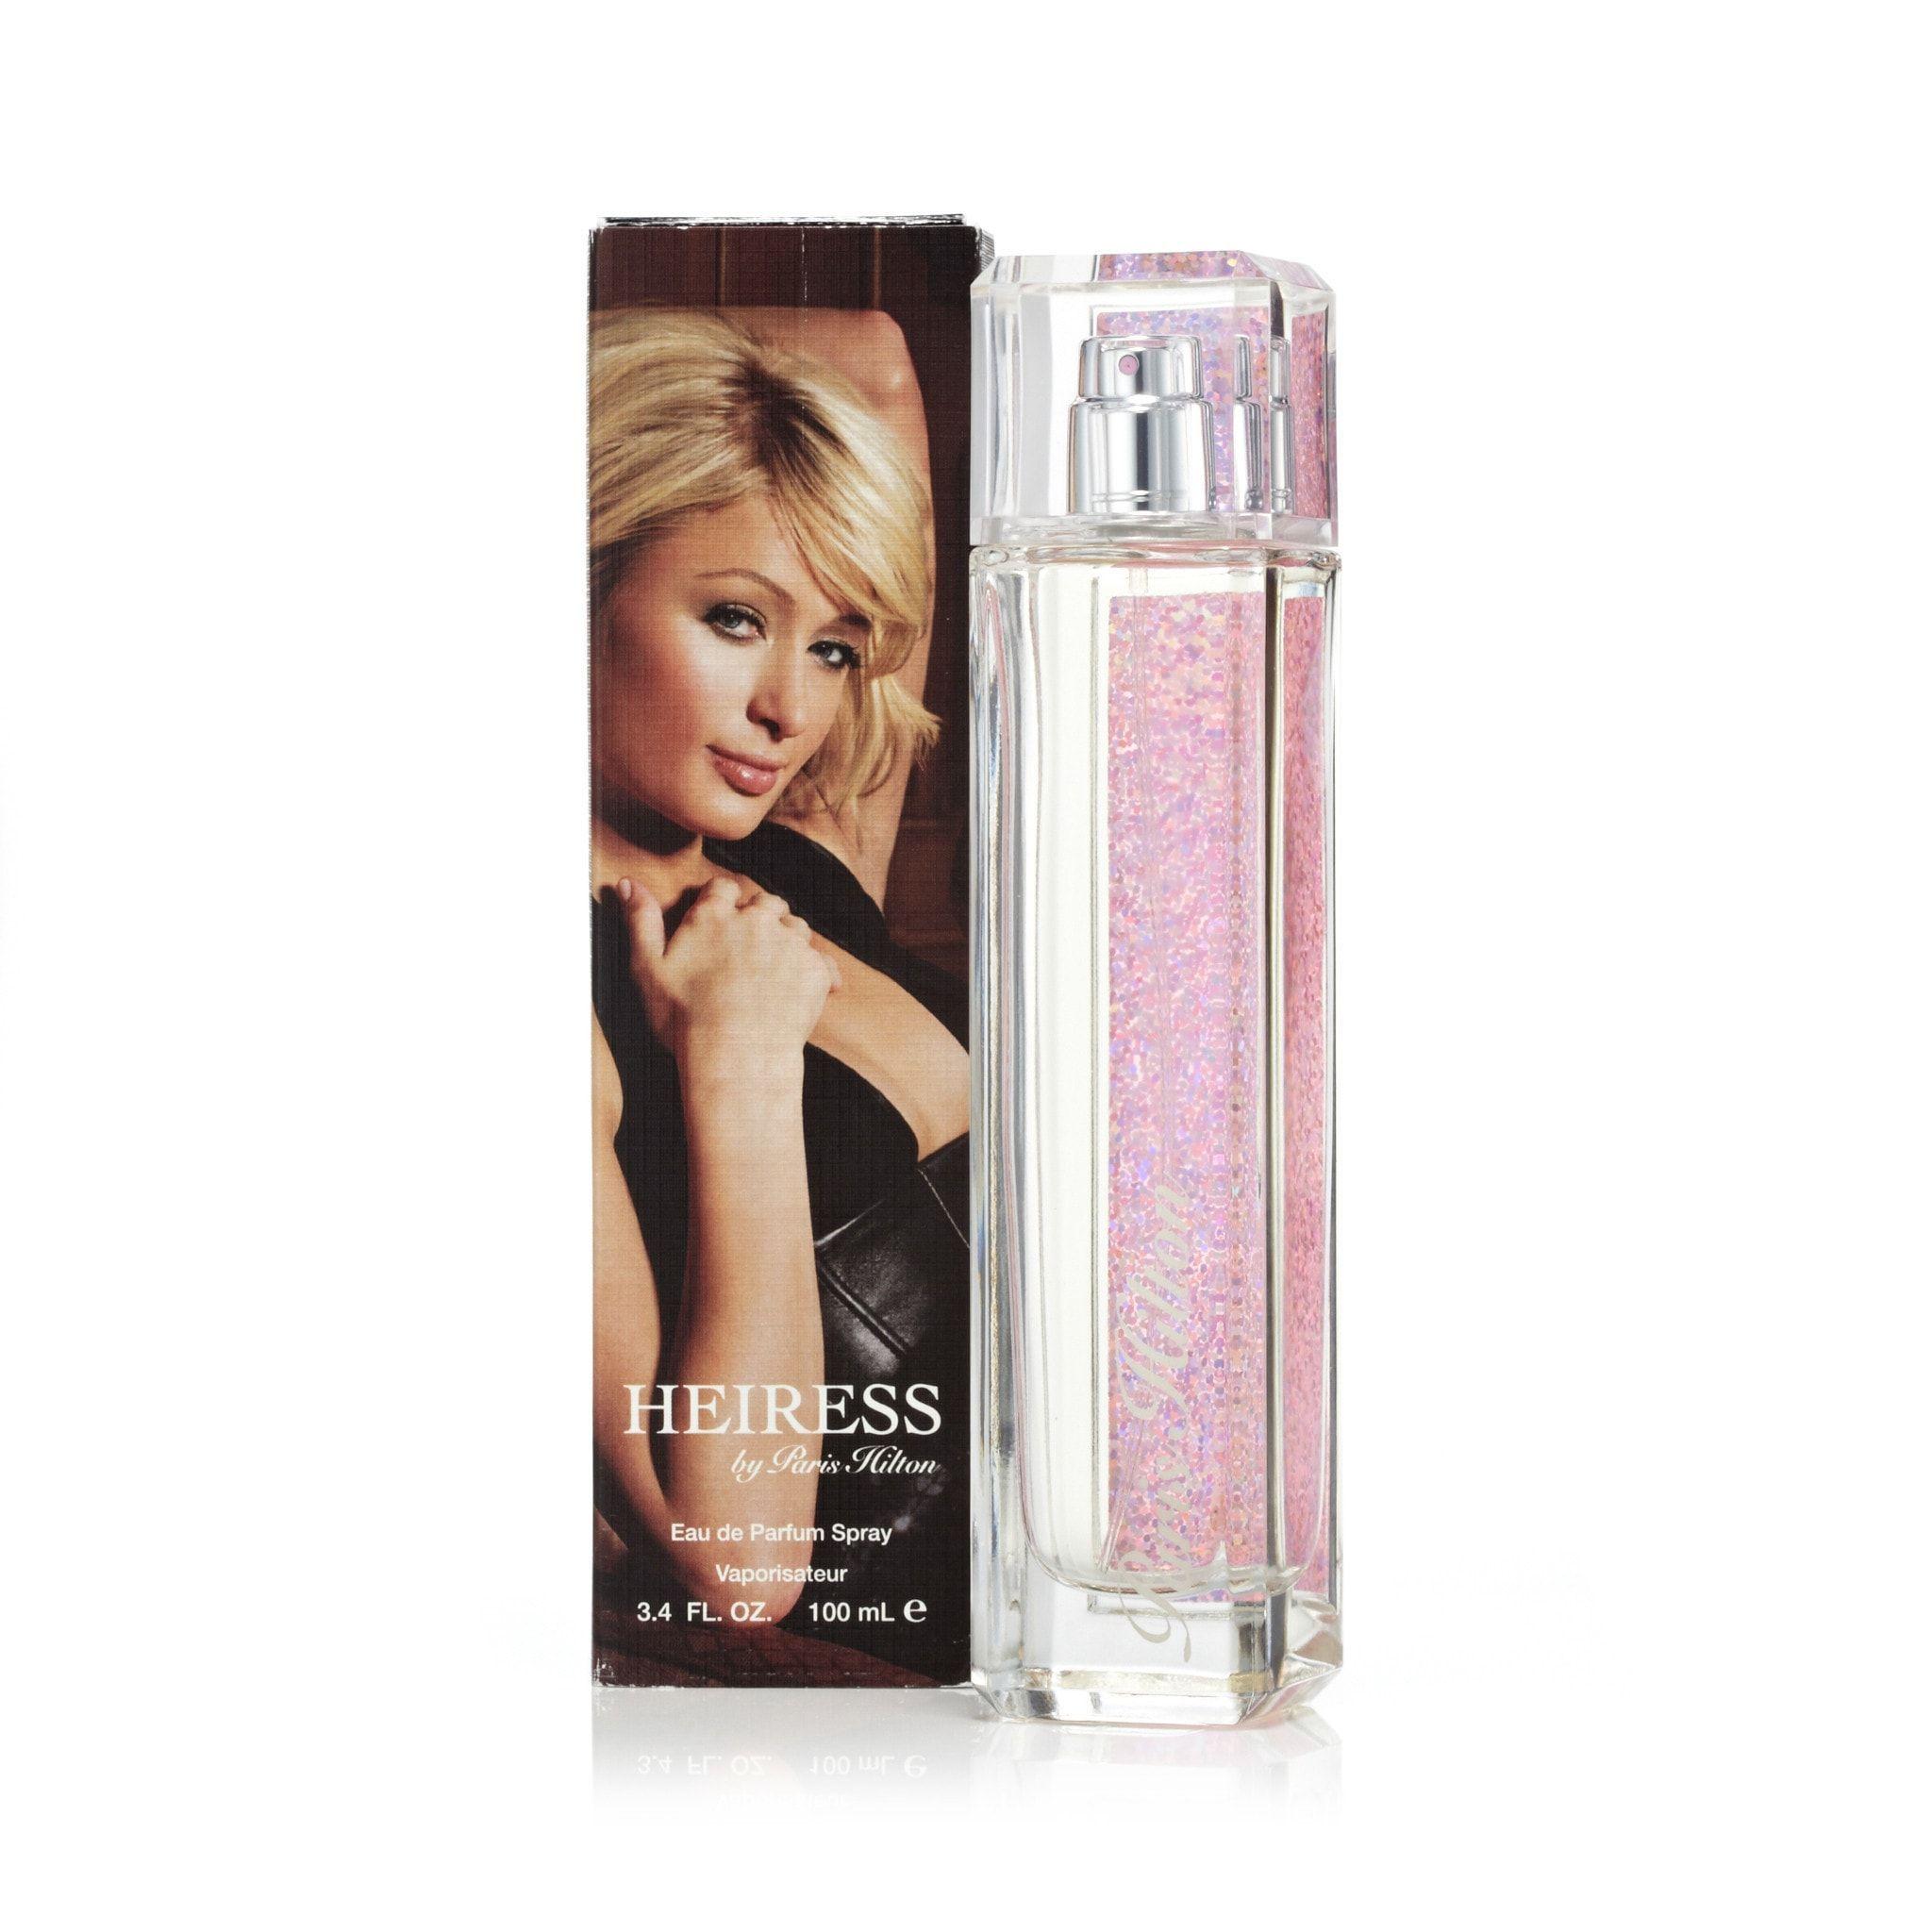 Heiress Eau de Parfum Spray for Women by Paris Hilton